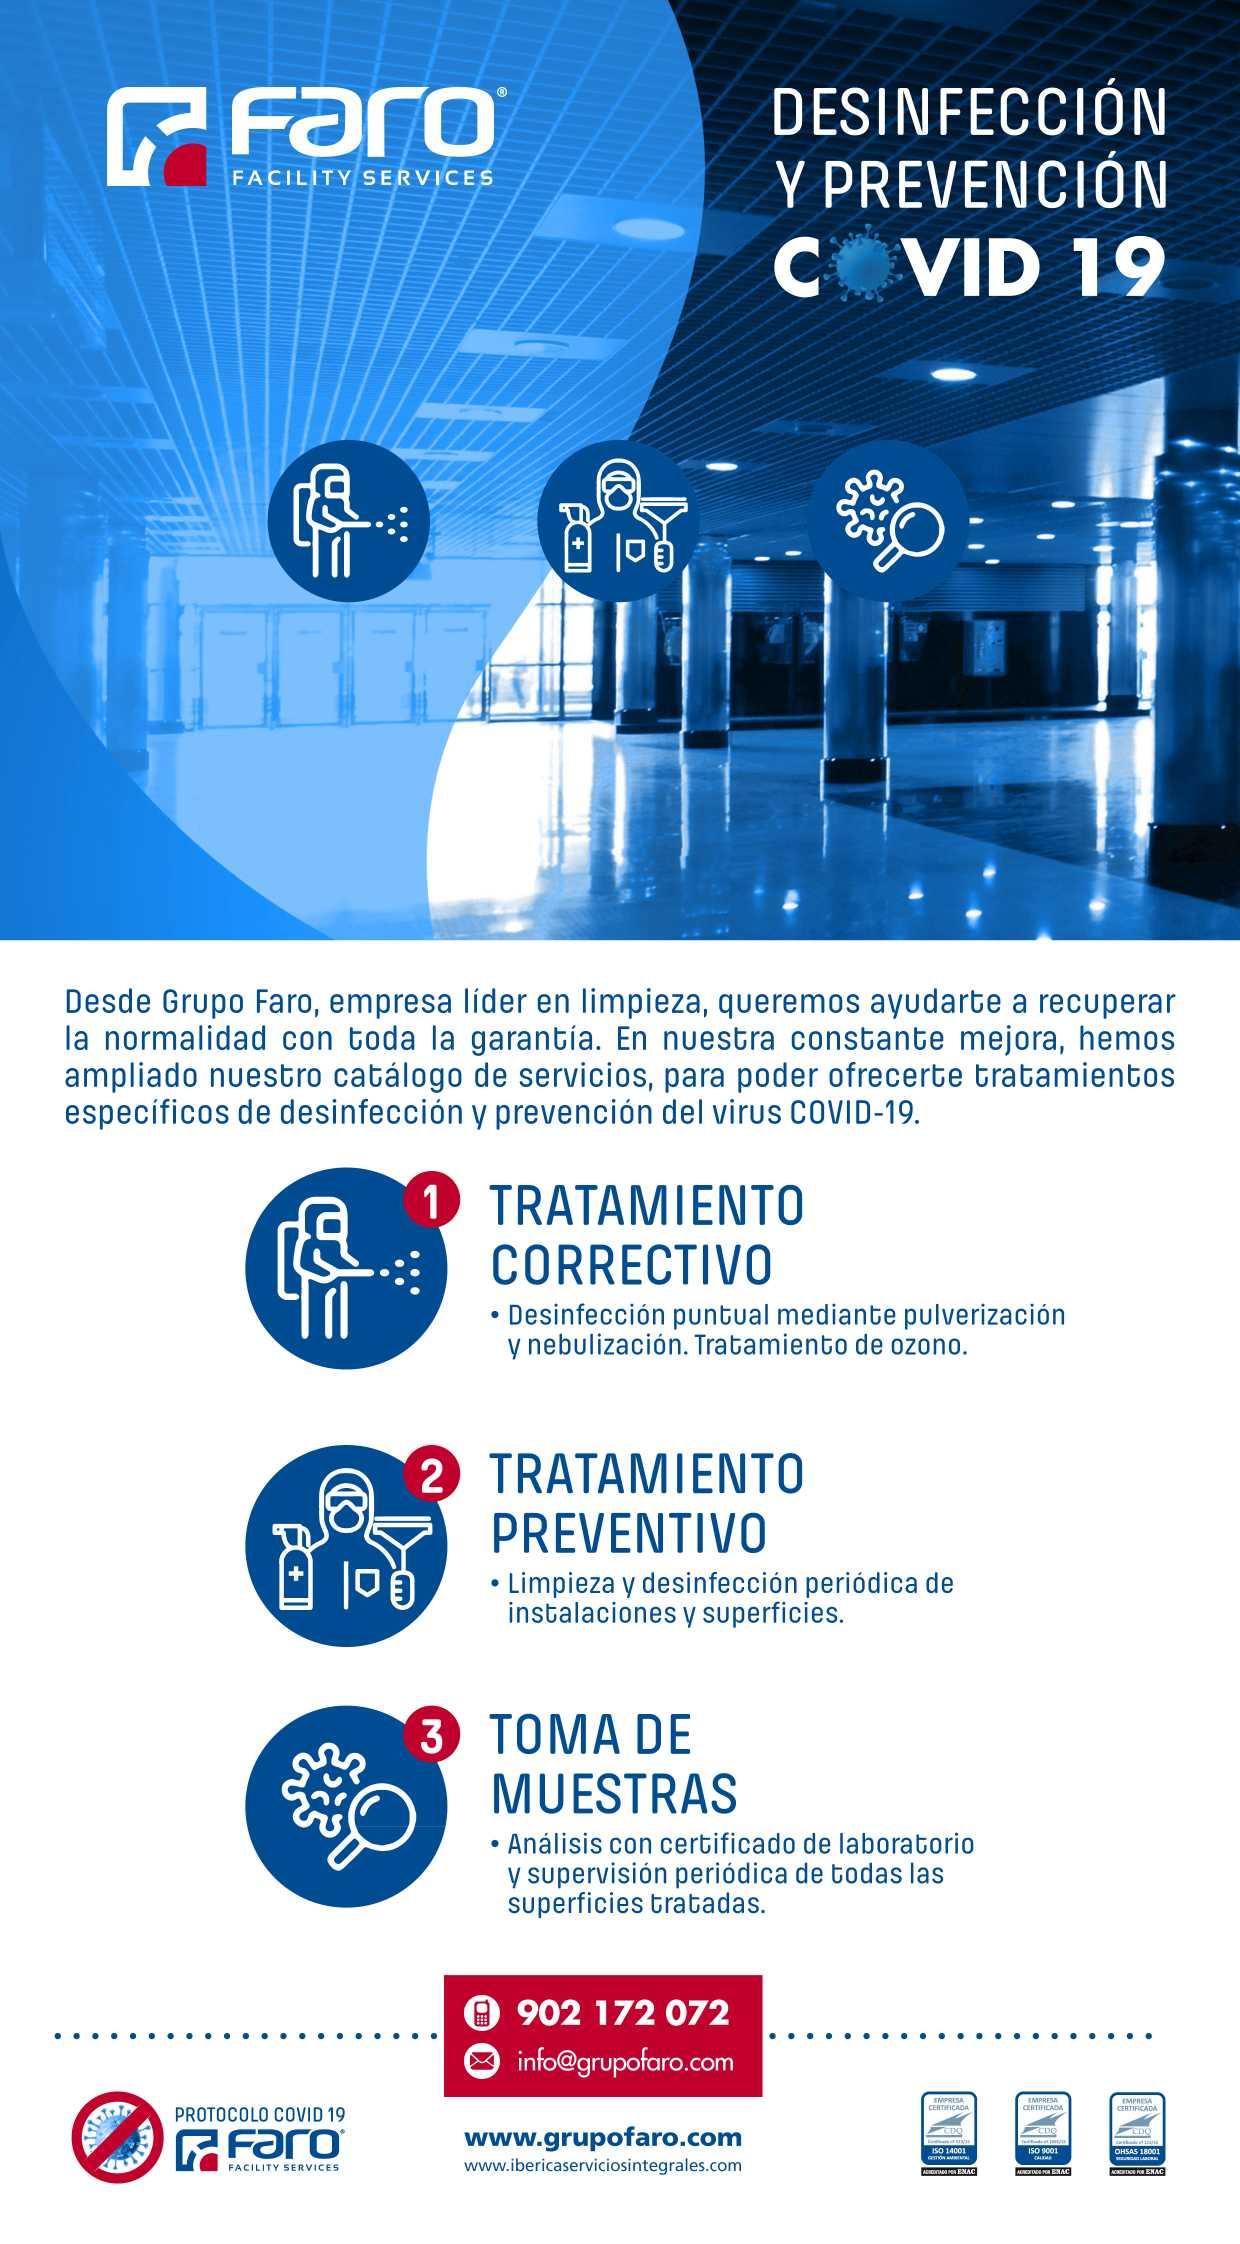 DESINFECCIÓN Y PREVENCIÓN FARO COVID-19